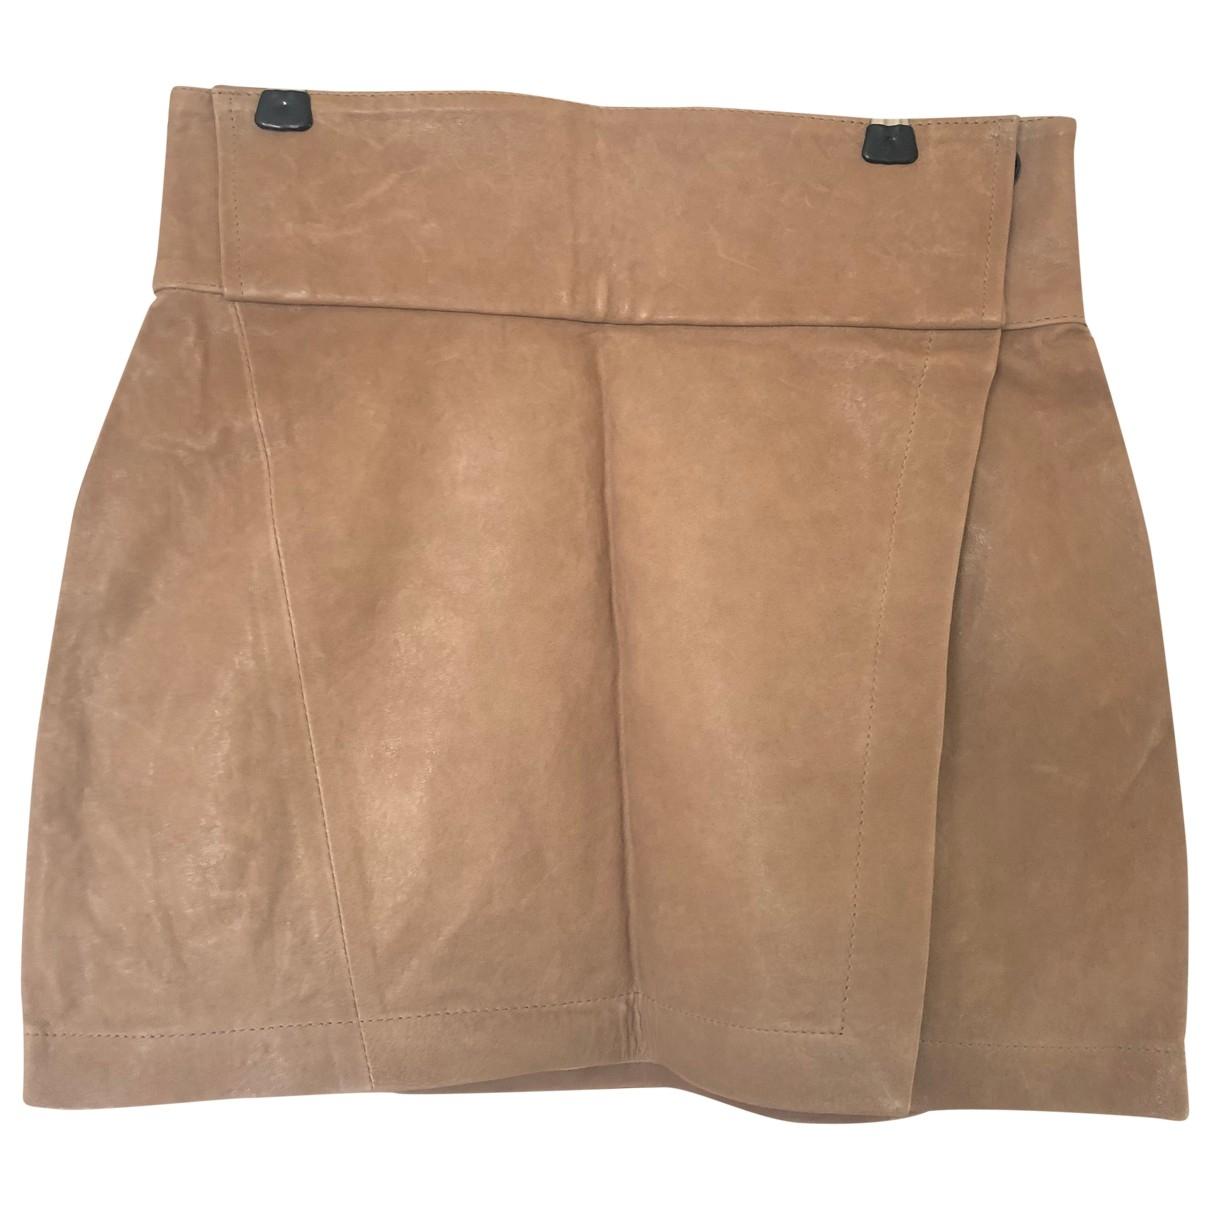 Damir Doma \N Beige Leather skirt for Women 8 UK